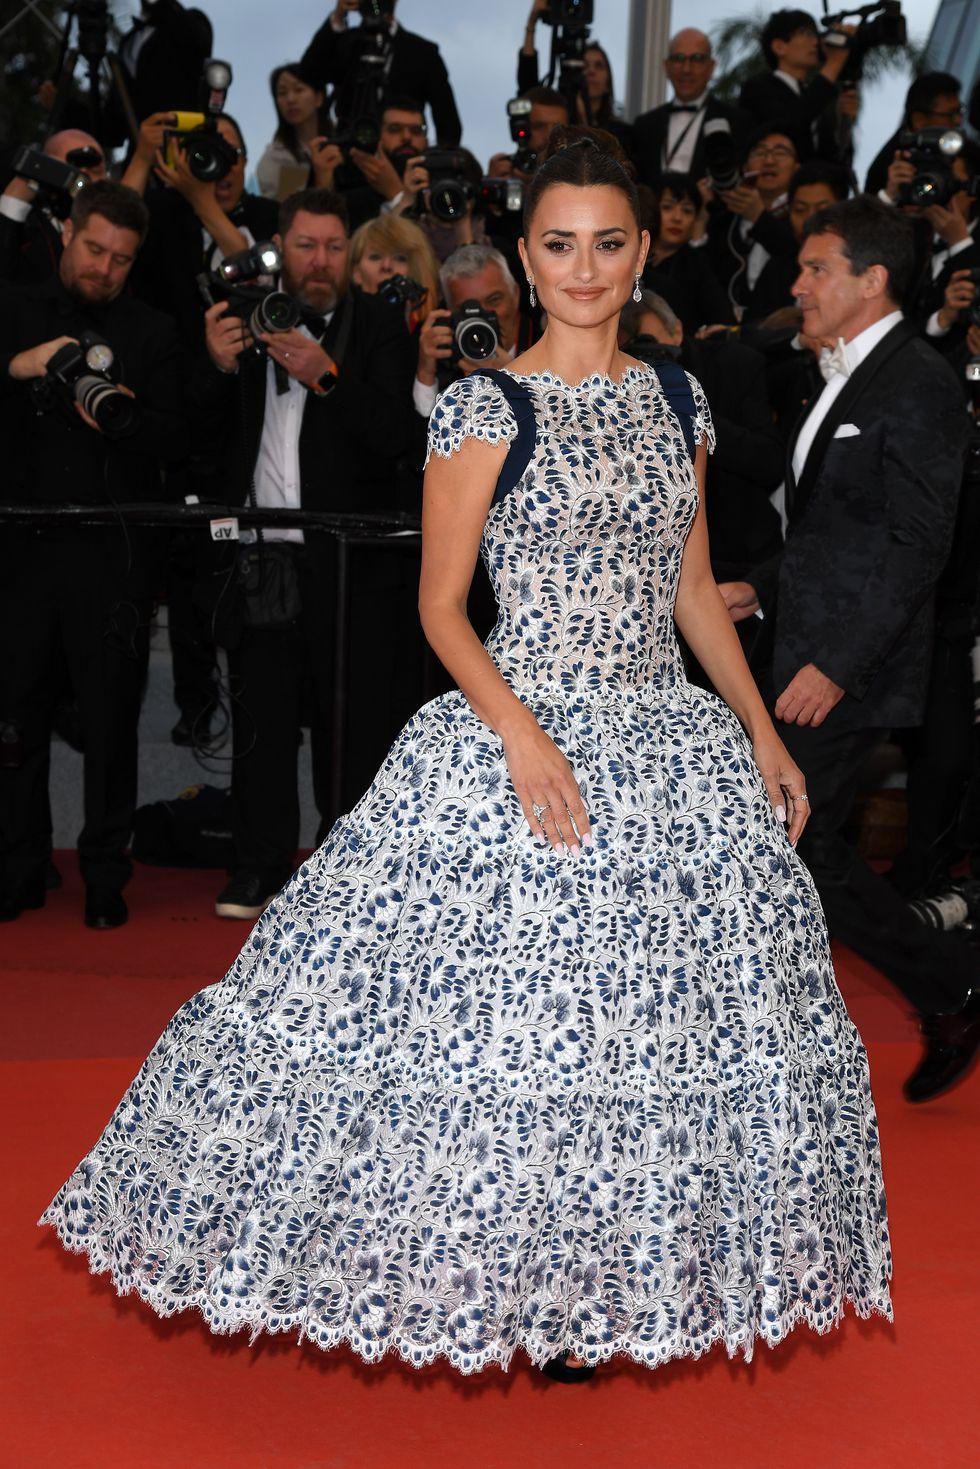 Cele mai spectaculoase apariții pe covorul roșu la Festivalul de Film de la Cannes 2019